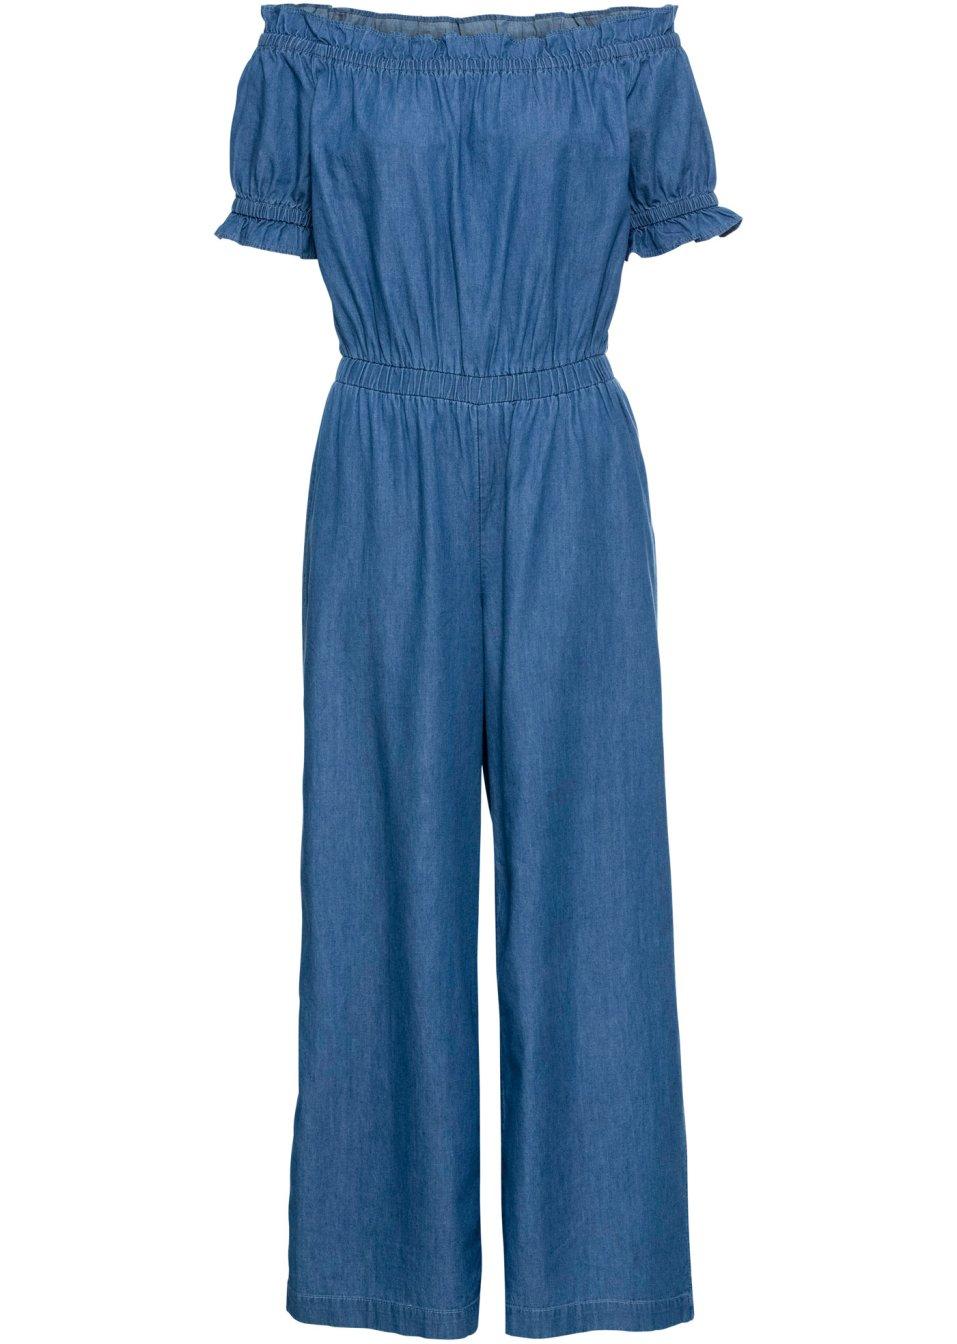 Jeans-Jumpsuit blue stone - RAINBOW online bestellen - bonprix.de D5W7g QrwwJ